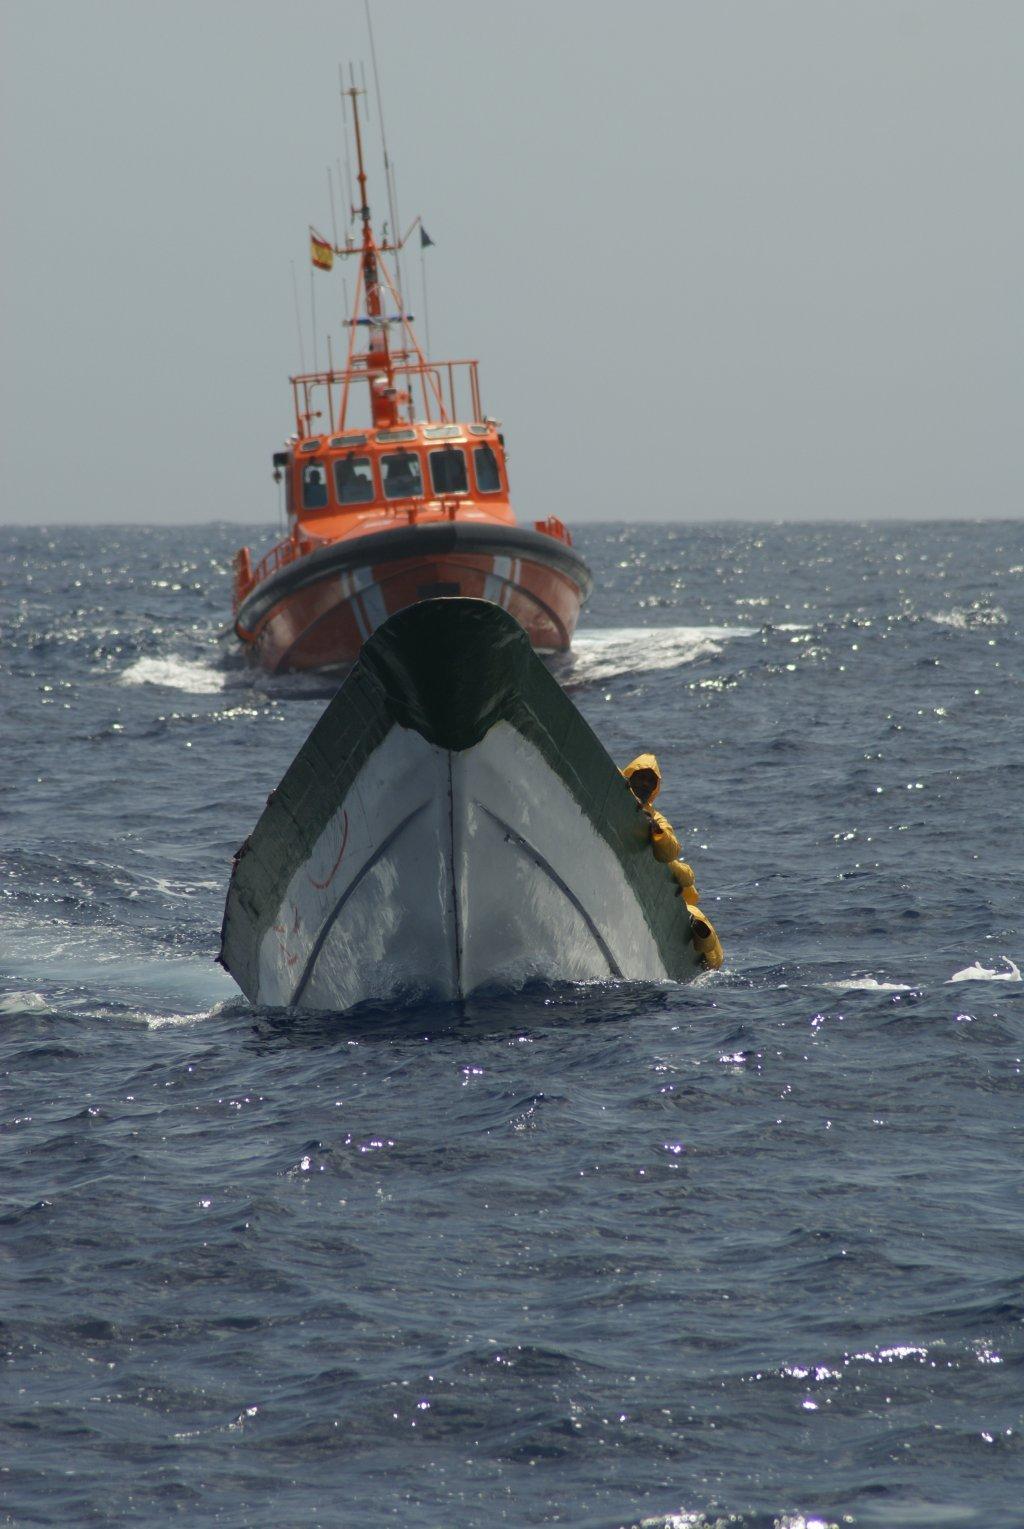 Les images des navires orange du Salvamento Maritimo ont fait le tour du monde en 2020 | Photo : Sasemar